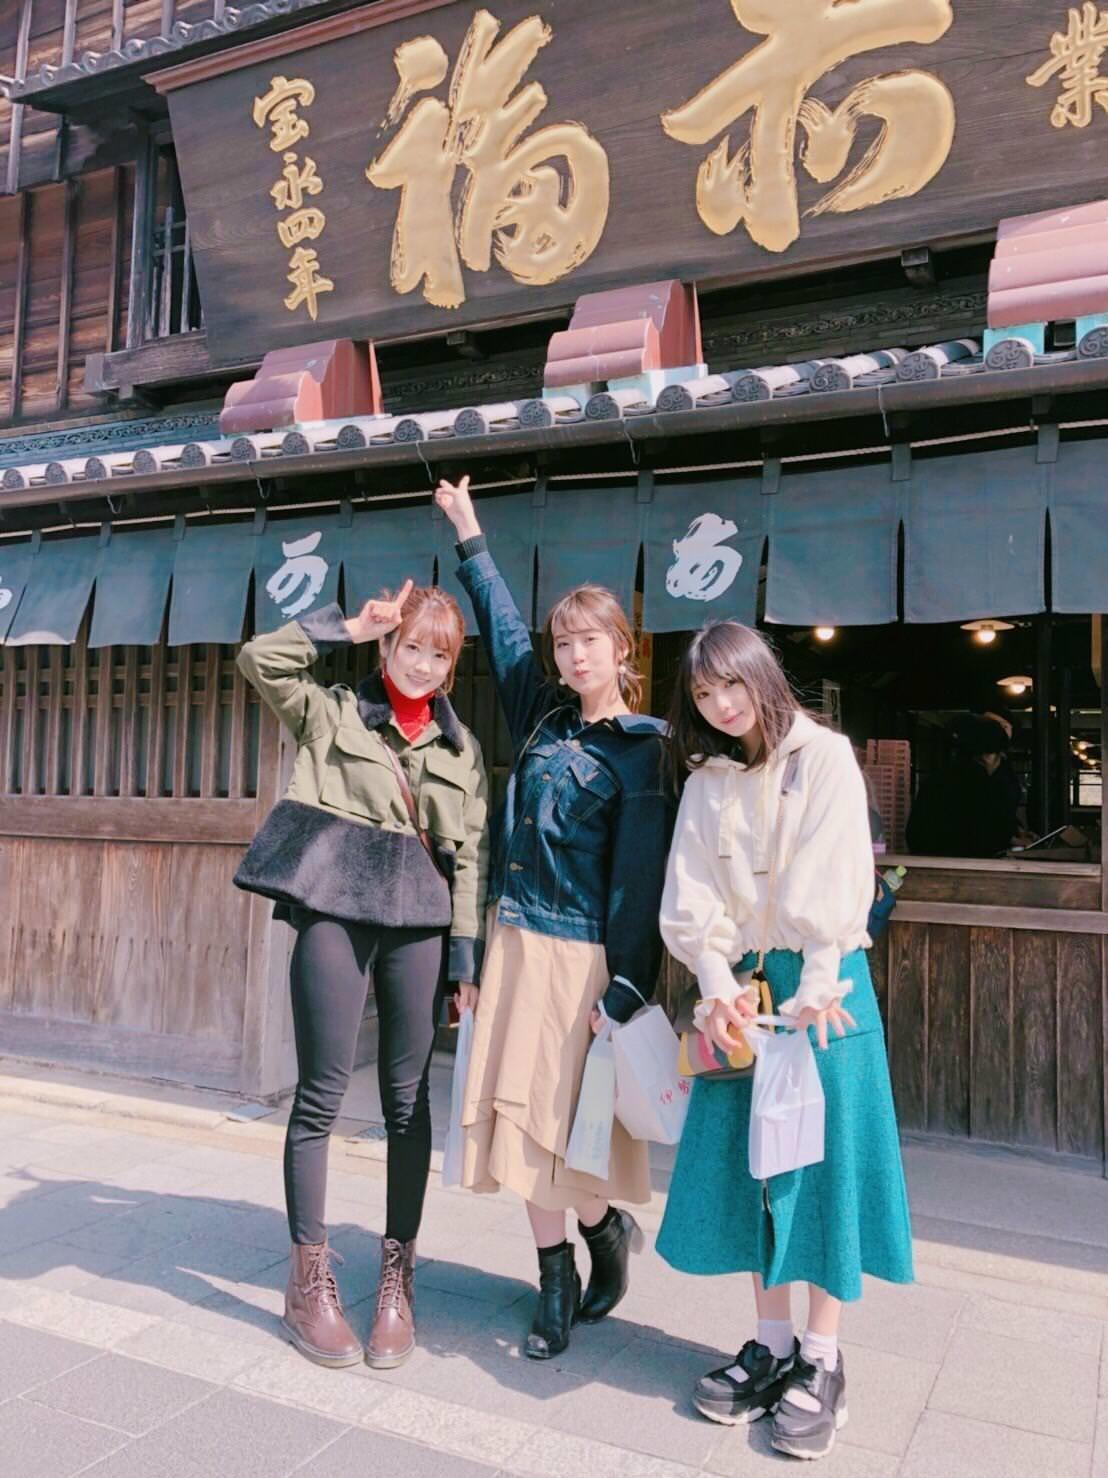 旅する3人~最高のお土産を探して~松阪編 樋口日奈 衛藤美彩 与田祐希